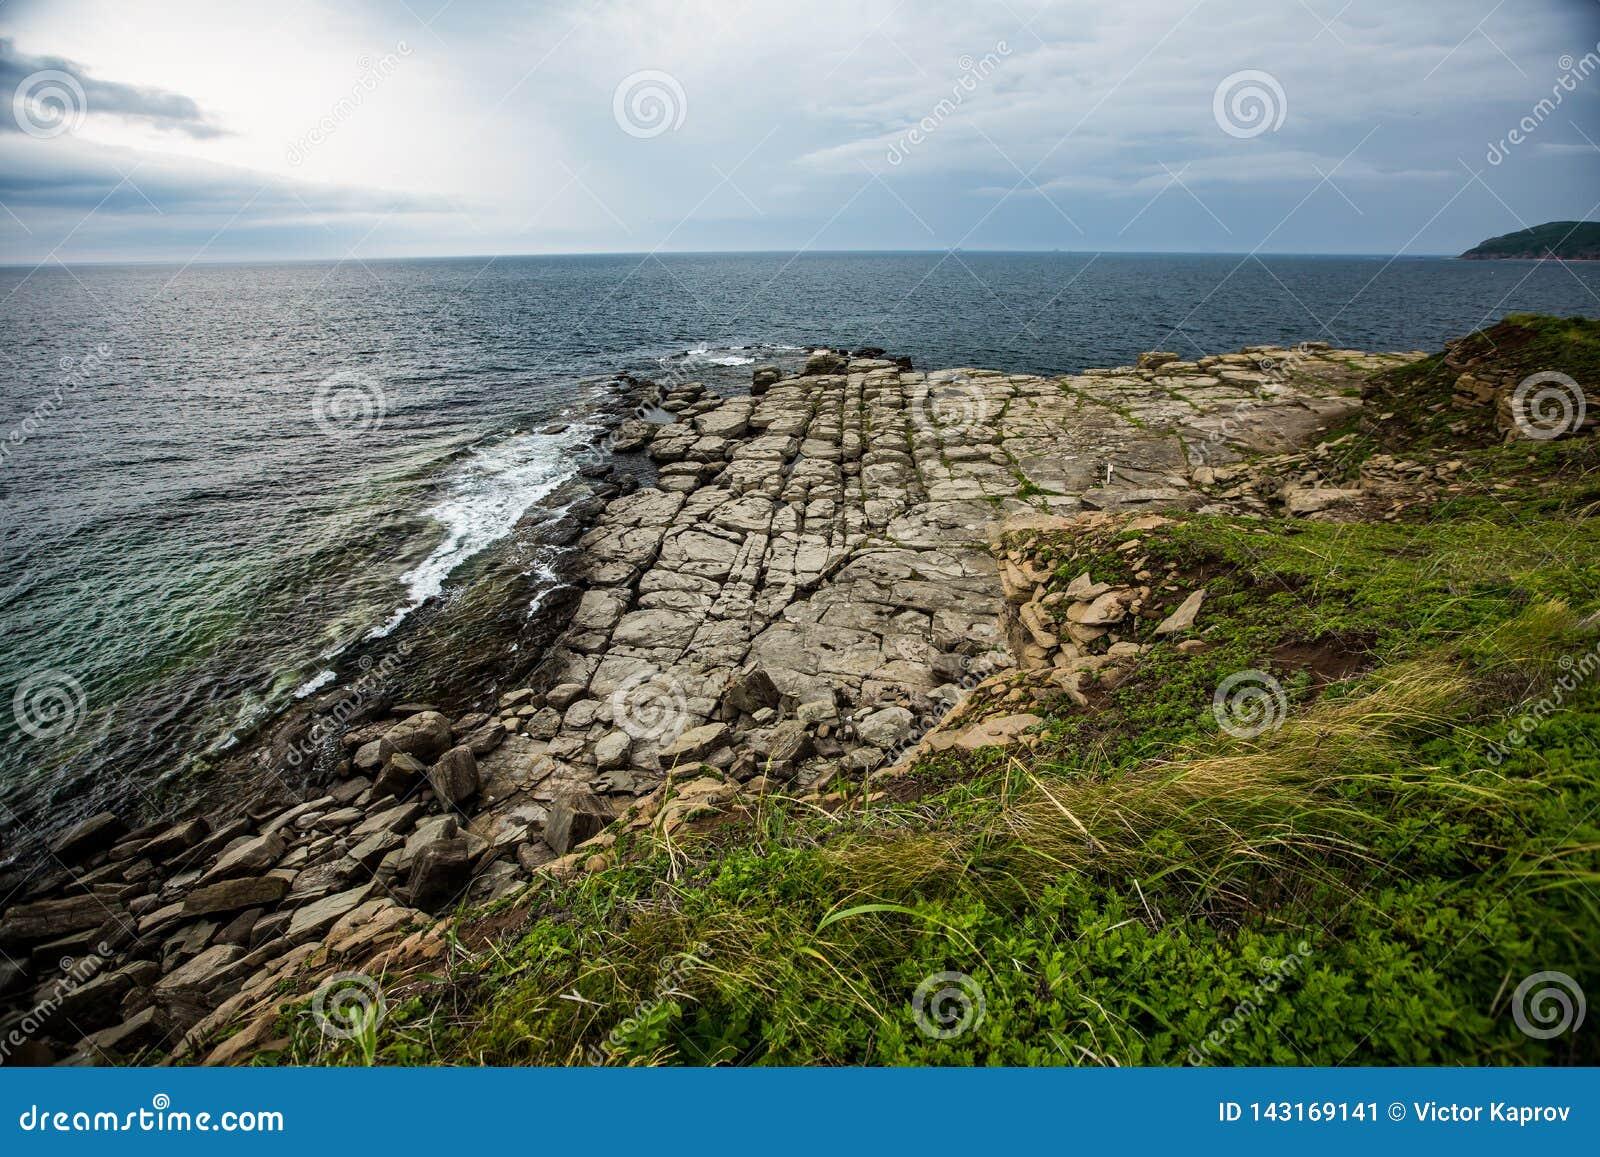 Kamienna plaża Wszystkie kamienie rozkłada w liniach prostych